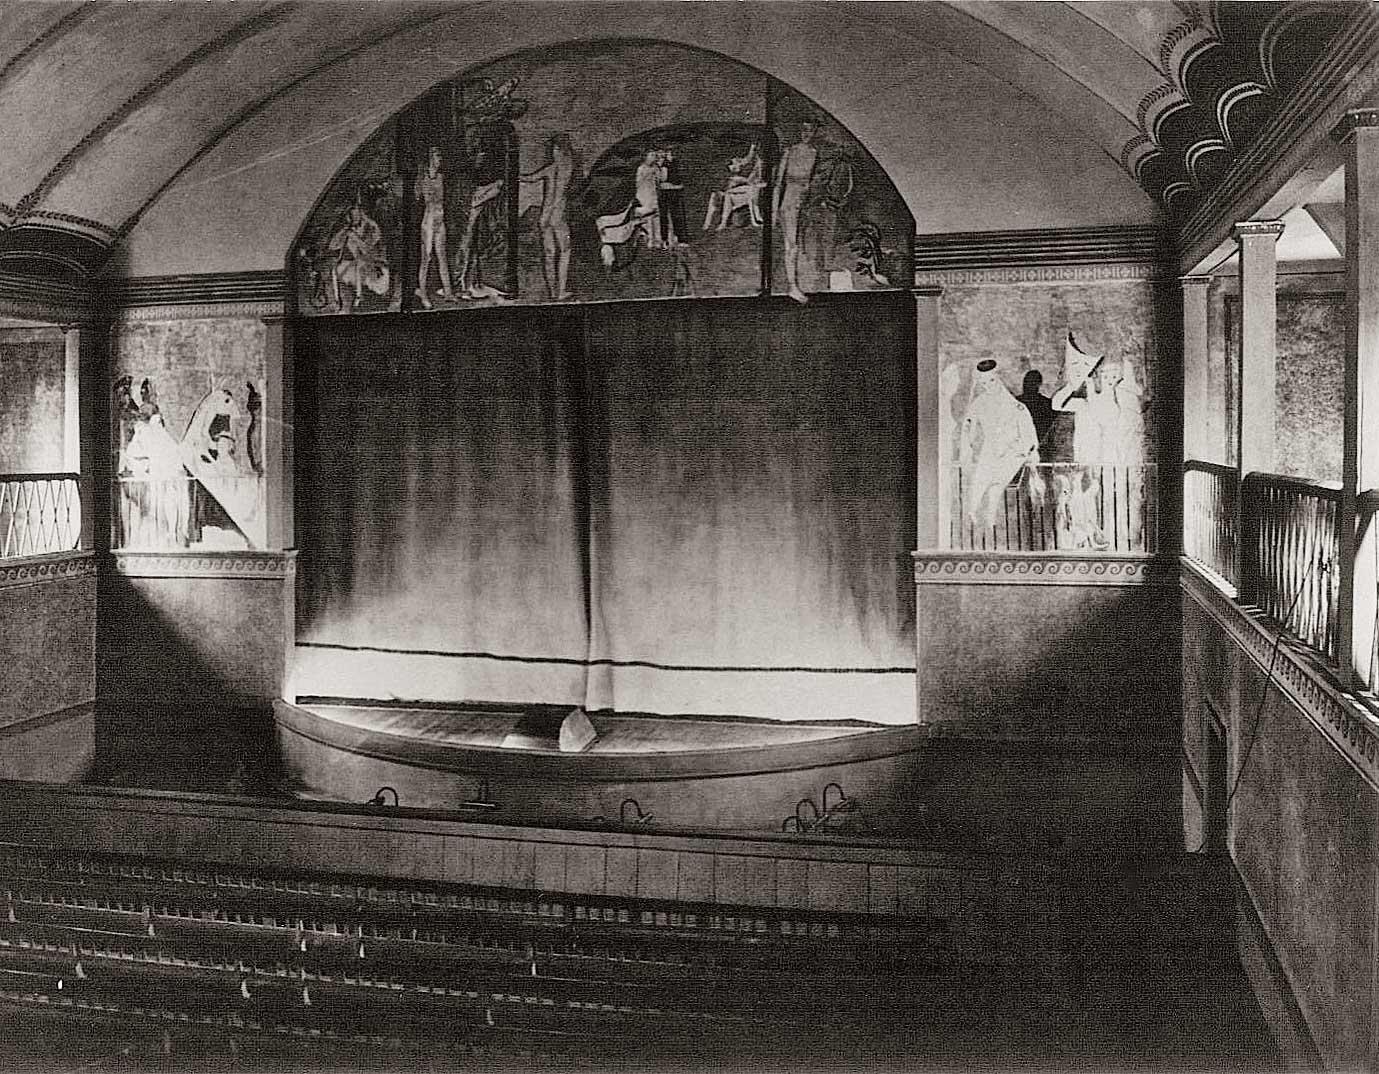 Die von Charles Crodel gestaltete Bühnenwand. Foto: Historische Kuranlagen und Goethe-Theater Bad Lauchstädt